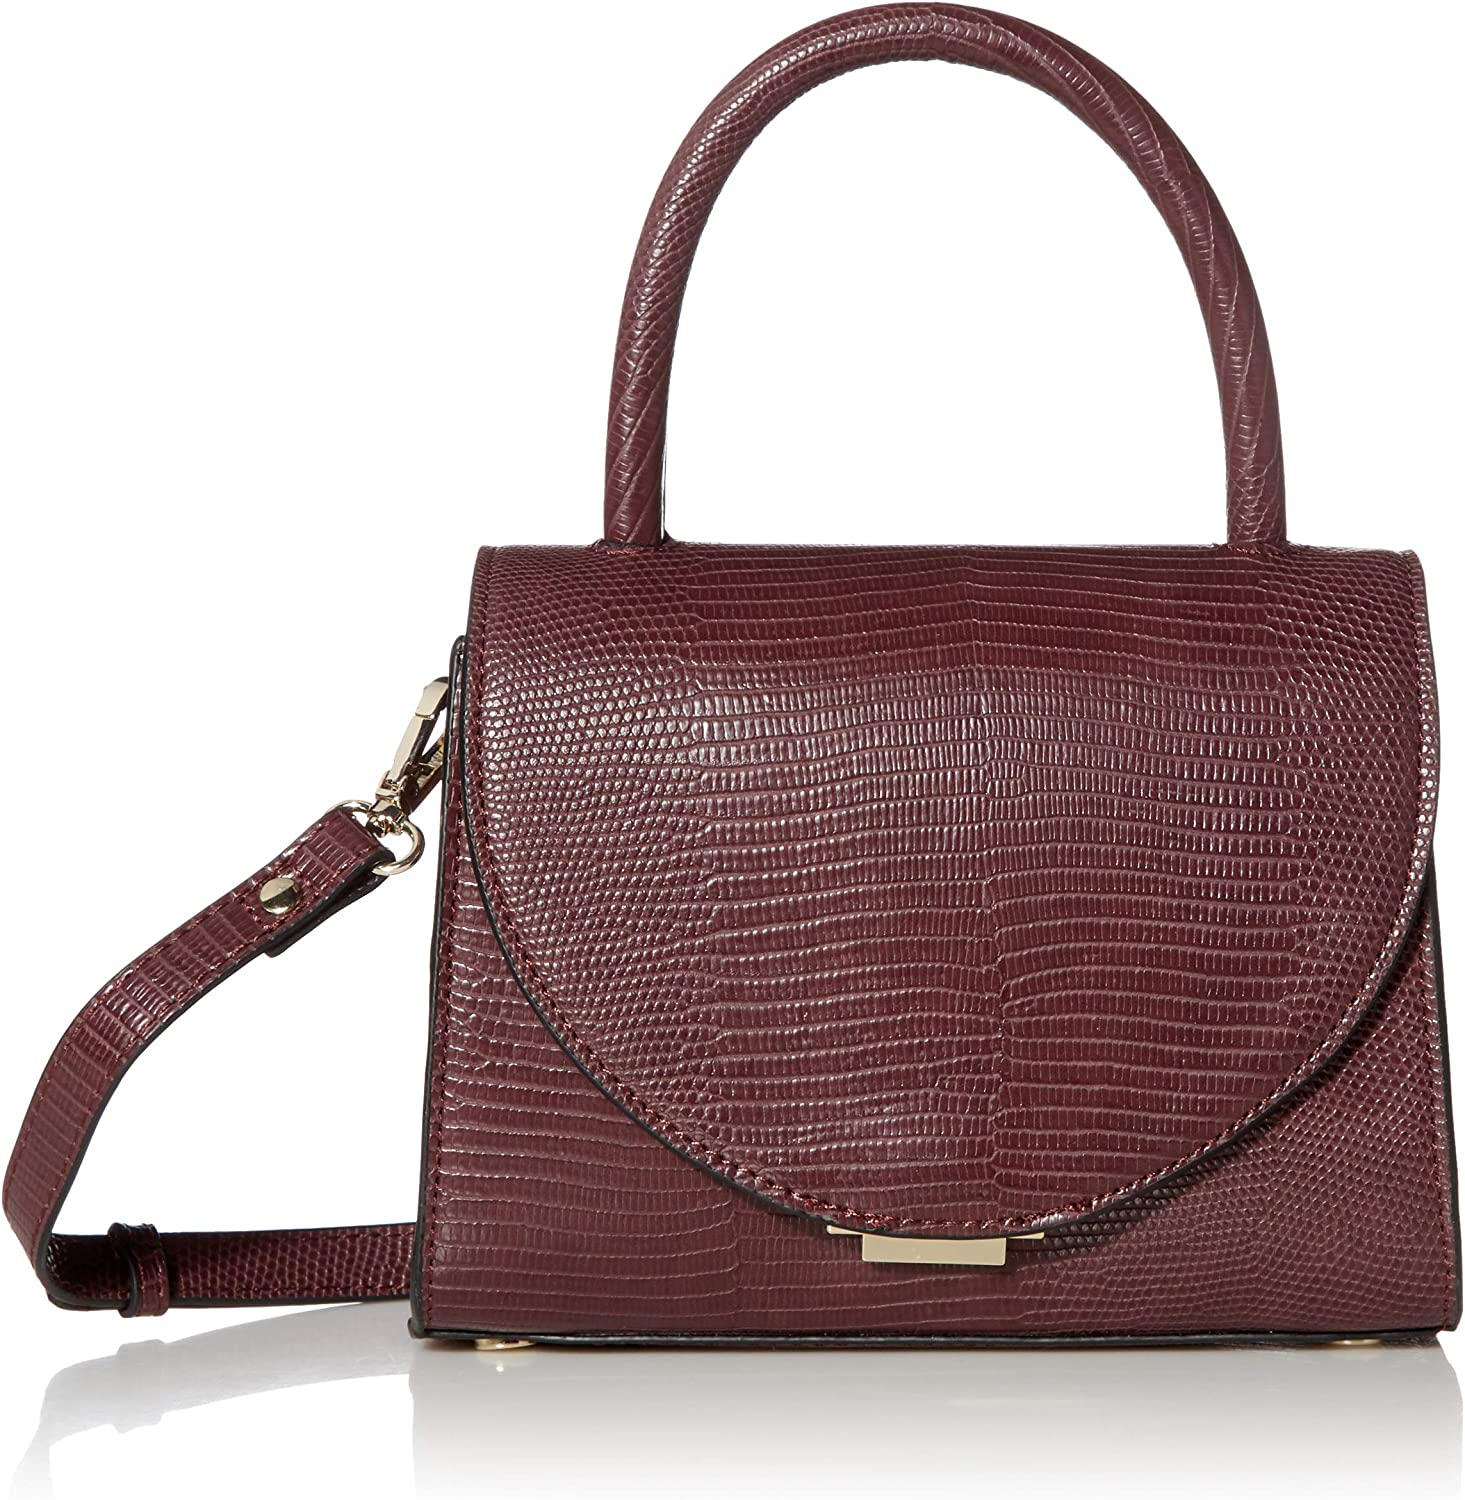 Steve Madden EGO Top Handle Bag, Wine